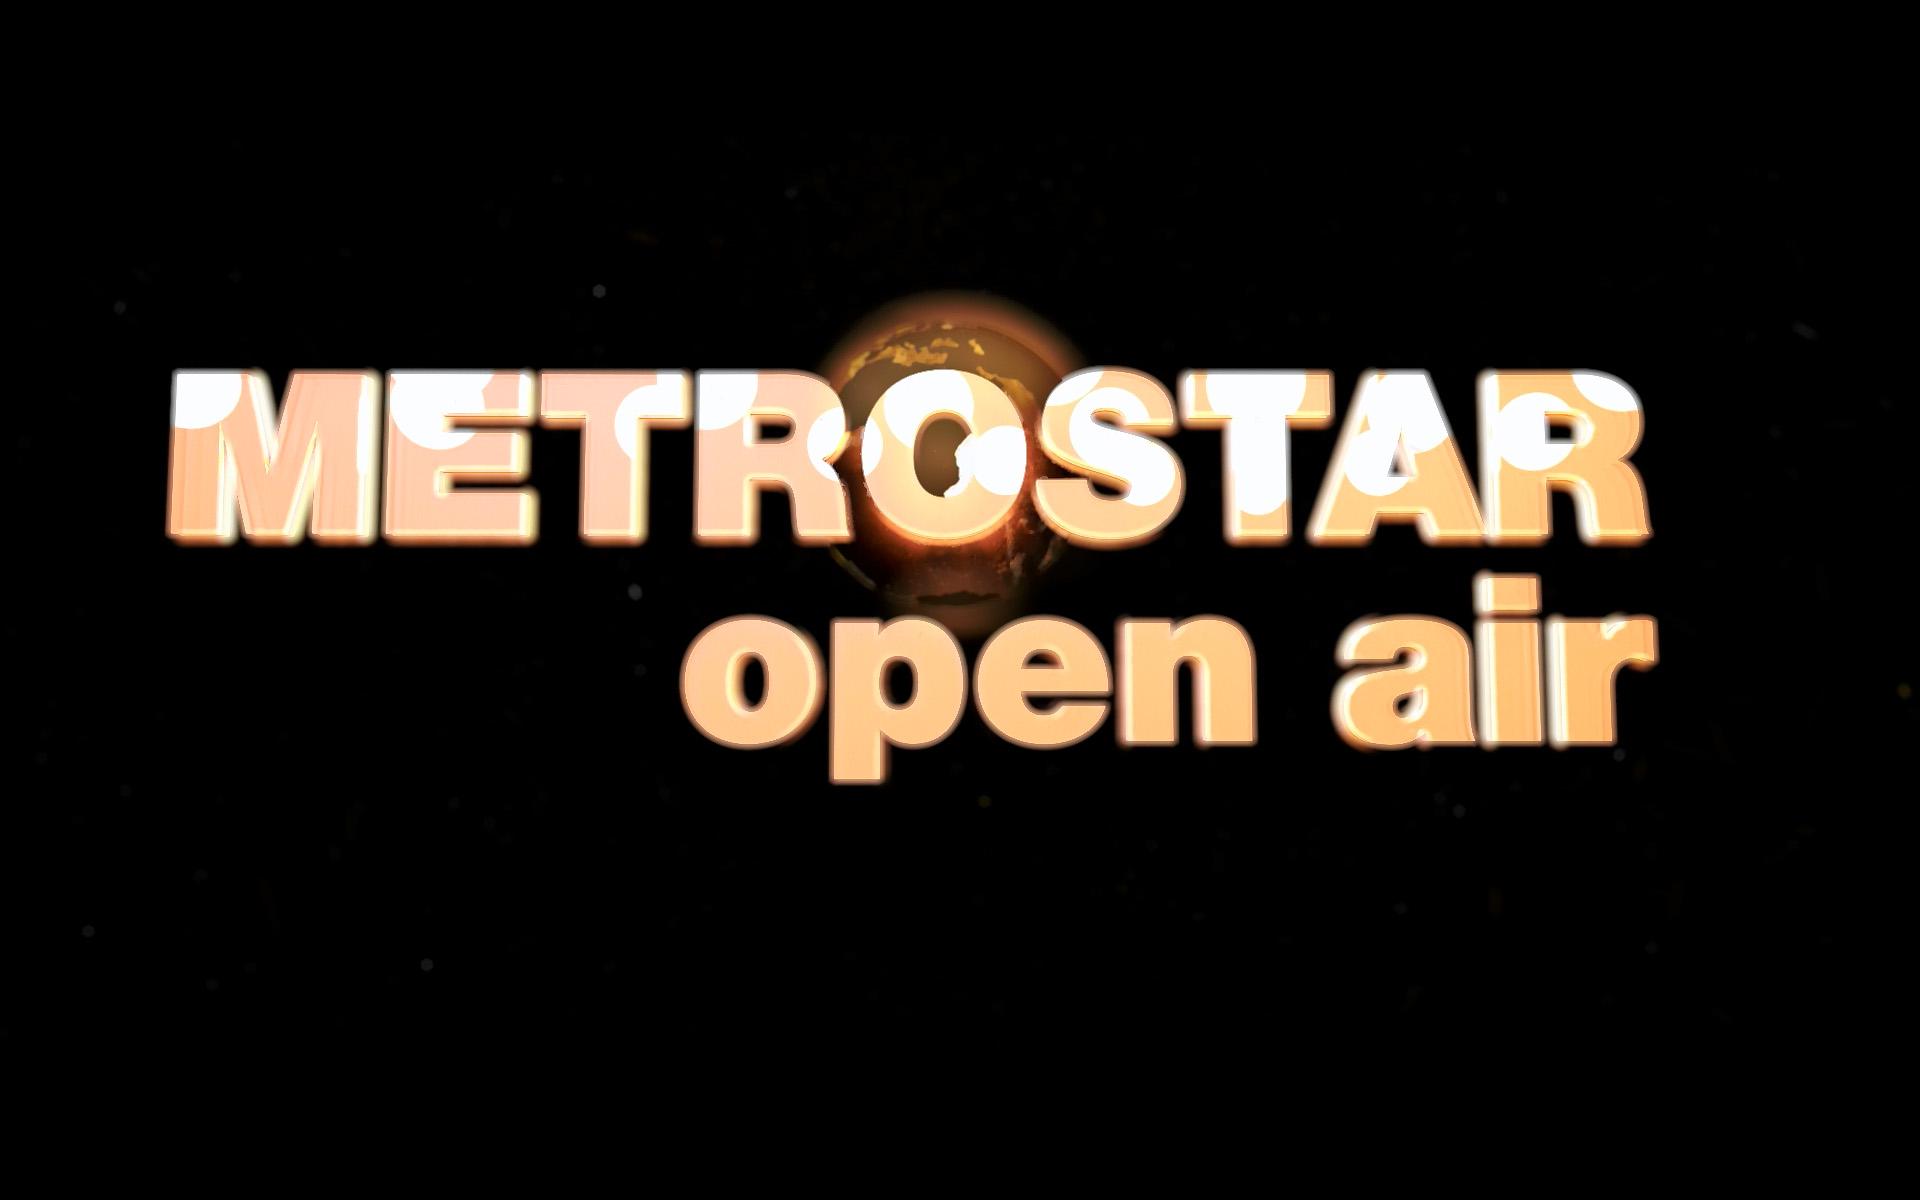 Рекламный графический видеоролик MetroSTAR OPEN AIR